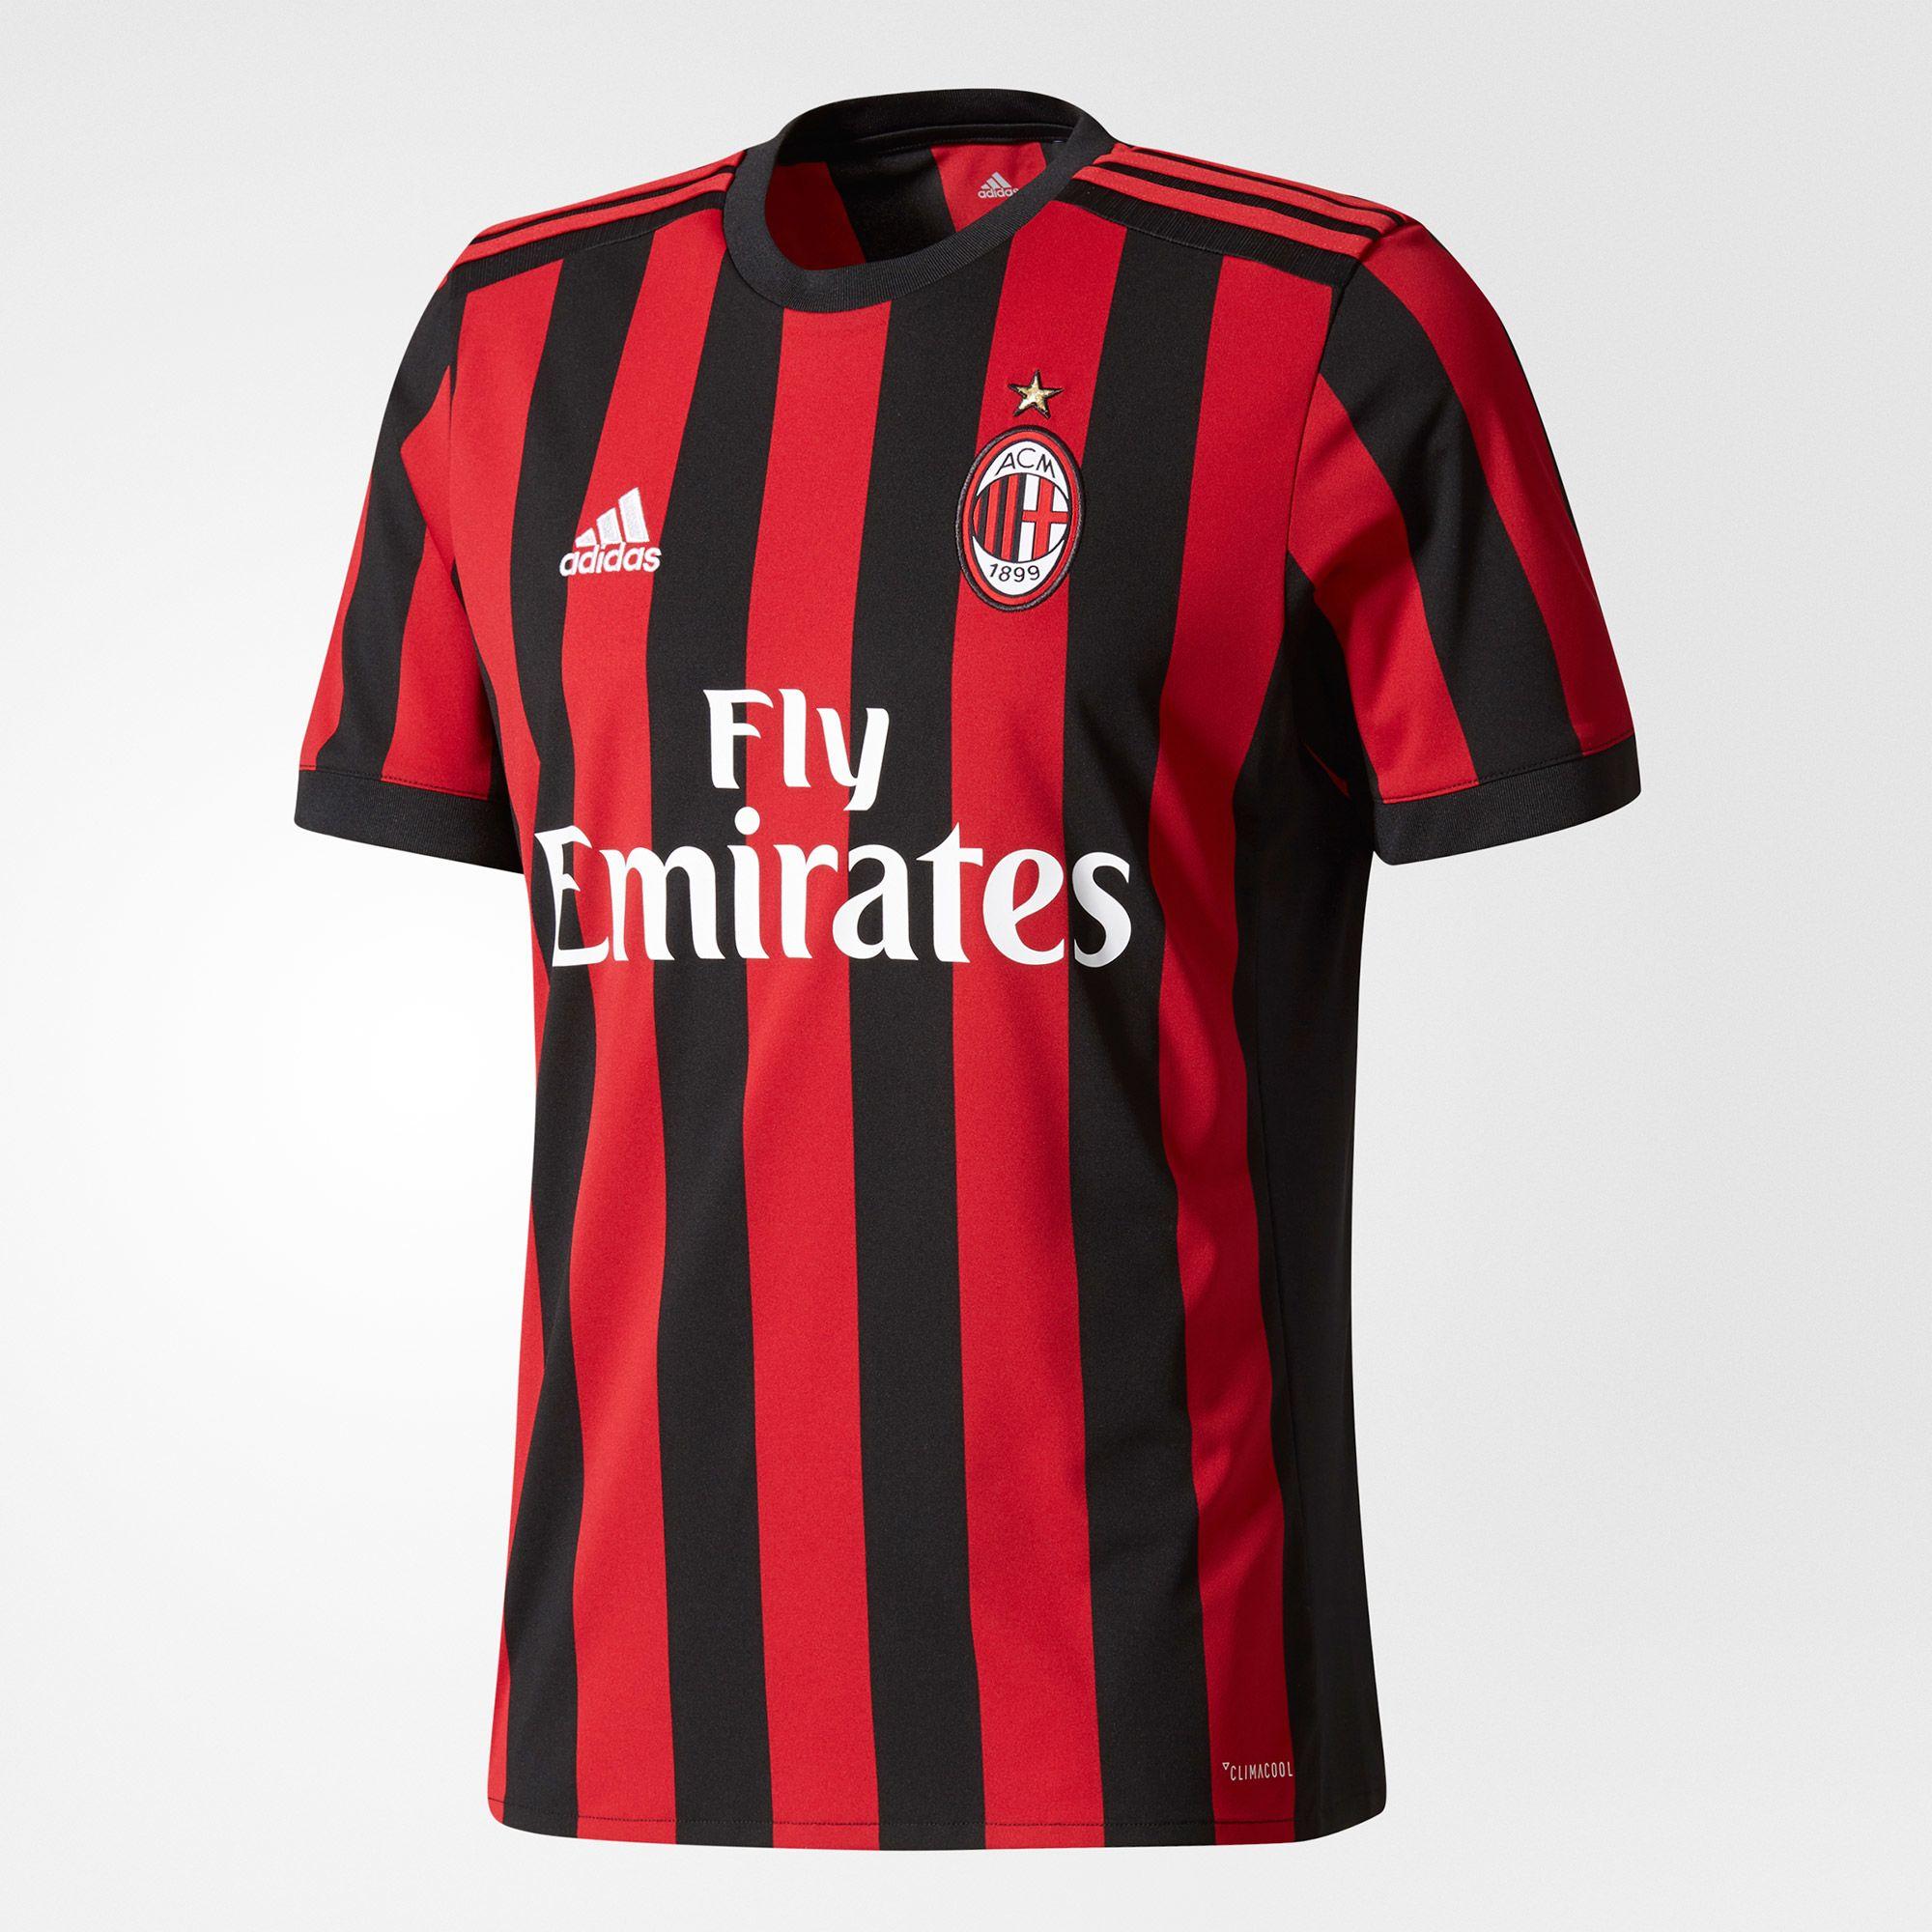 adidas AC Milan Home Jersey 2017/18 - Black/Red